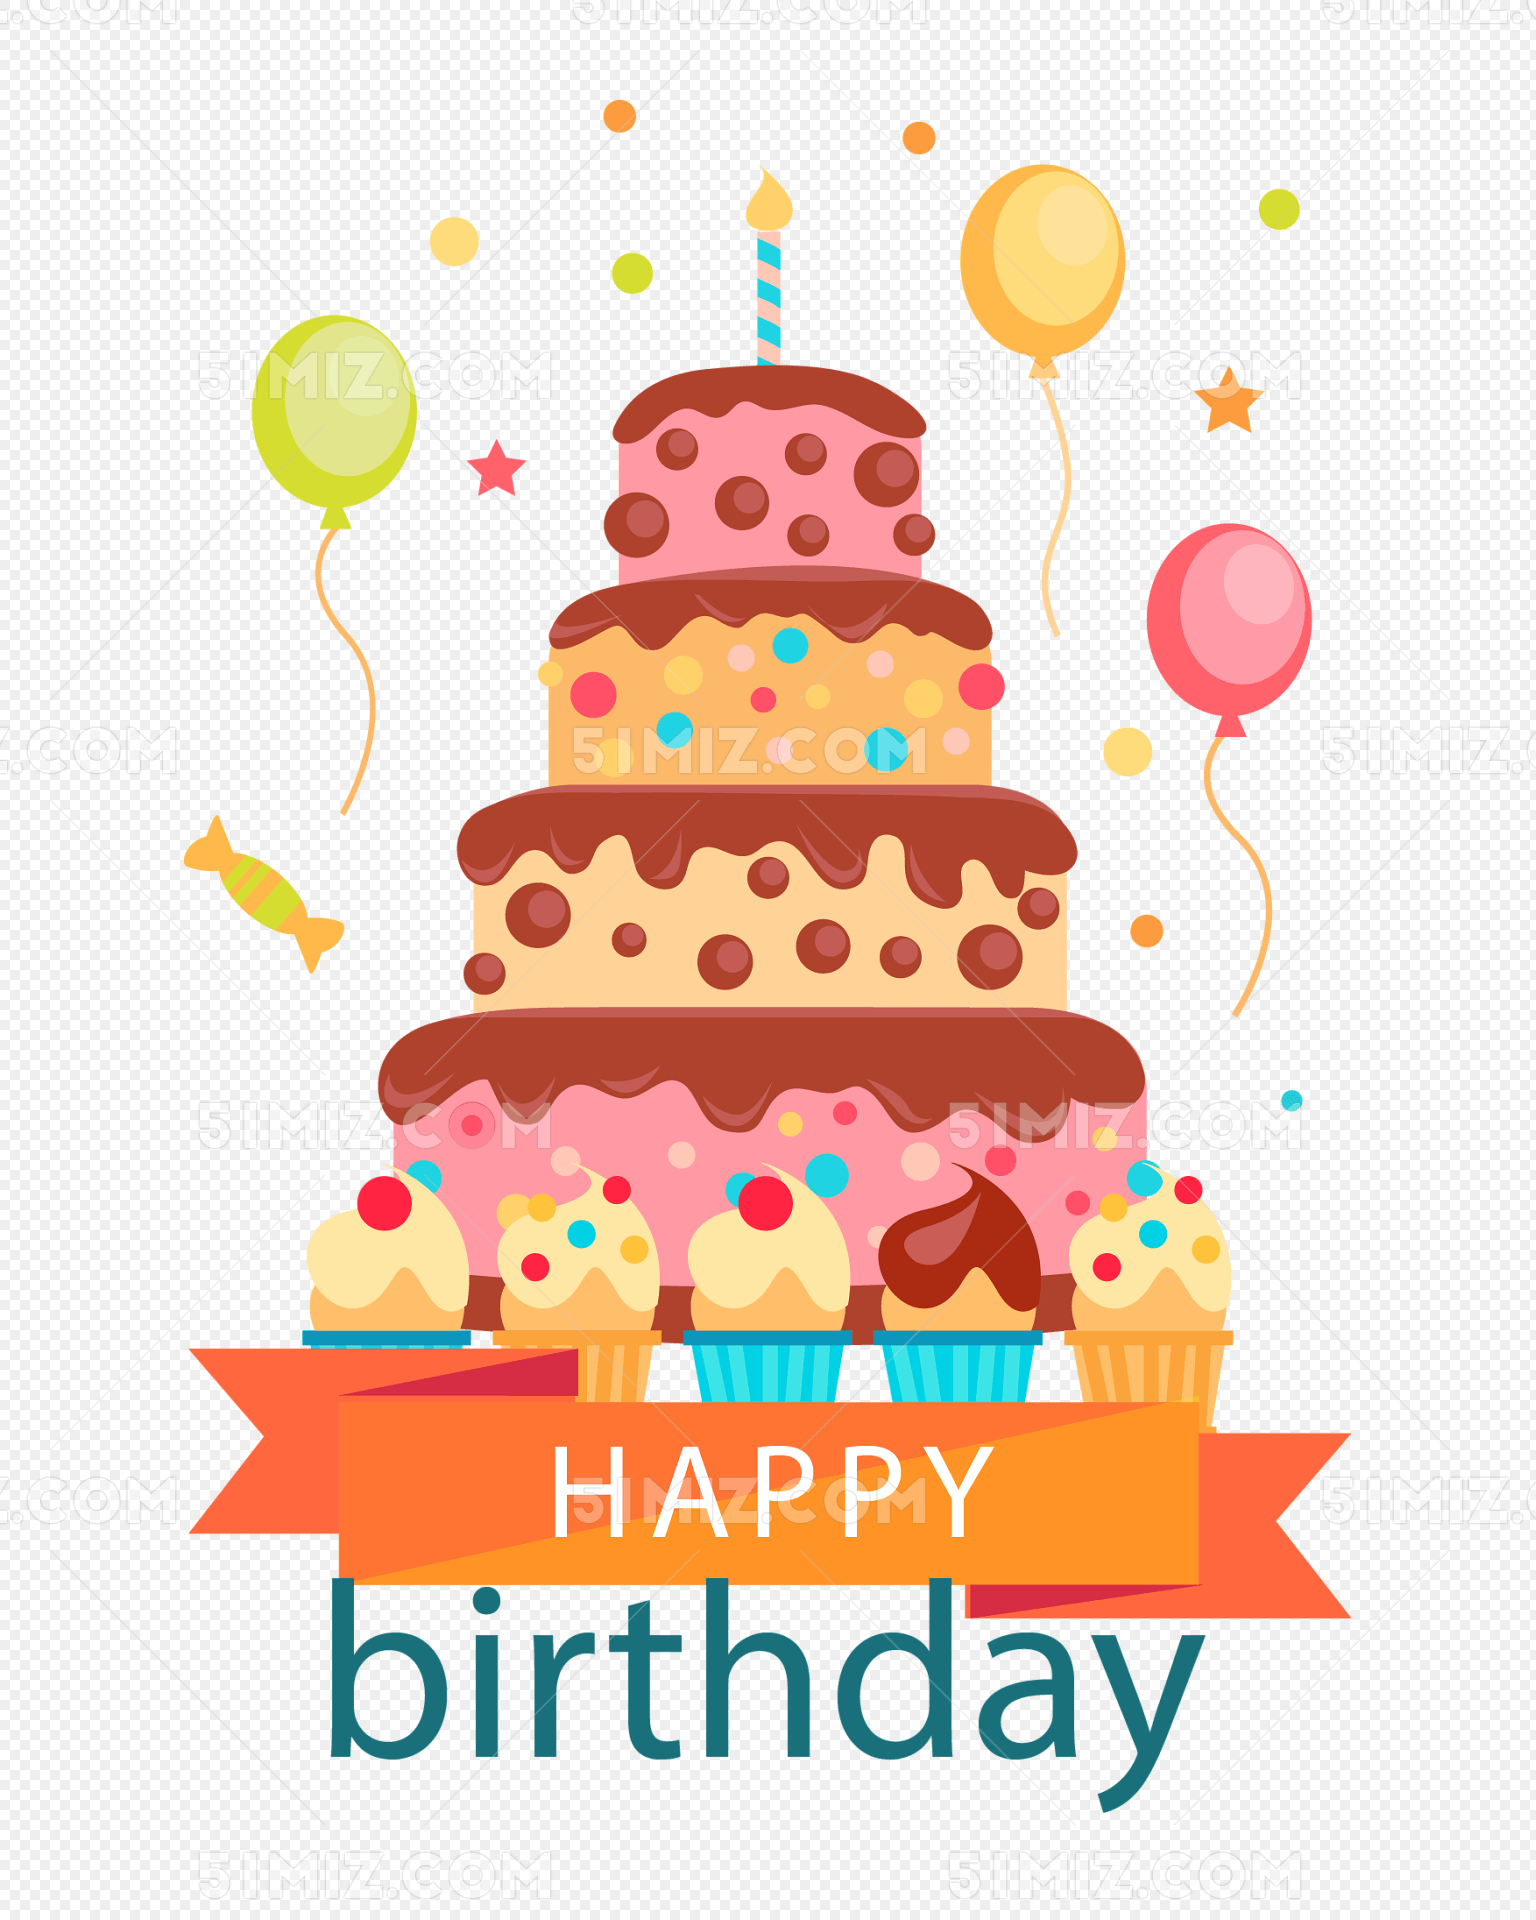 老鹰飞翔素描图片_卡通生日蛋糕图片_卡通生日蛋糕图片画法